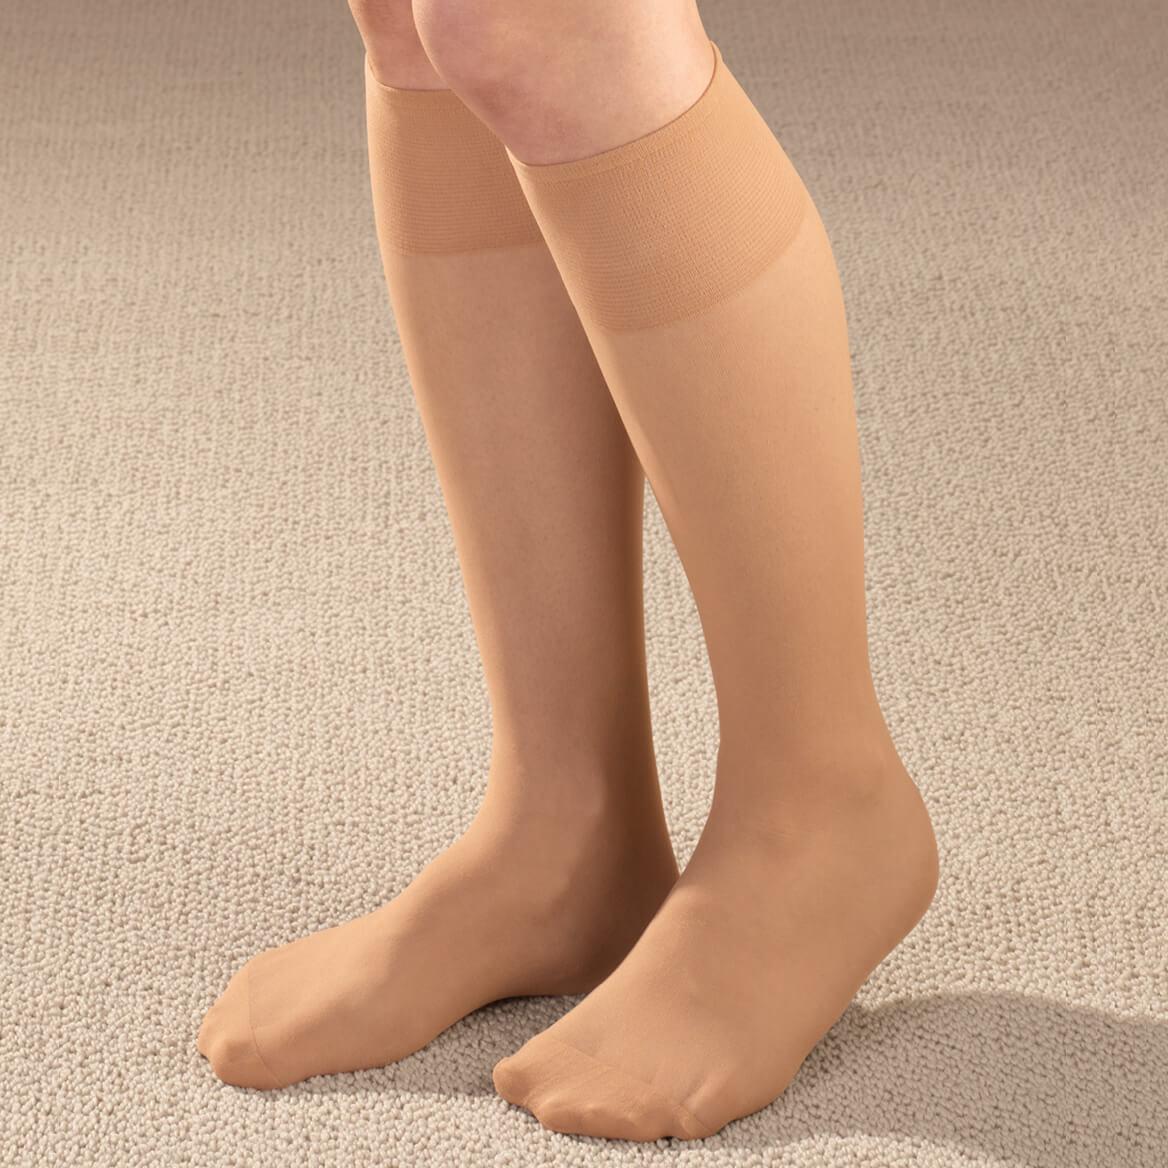 Diabetic Sheer Knee Highs 5 Pair-347565